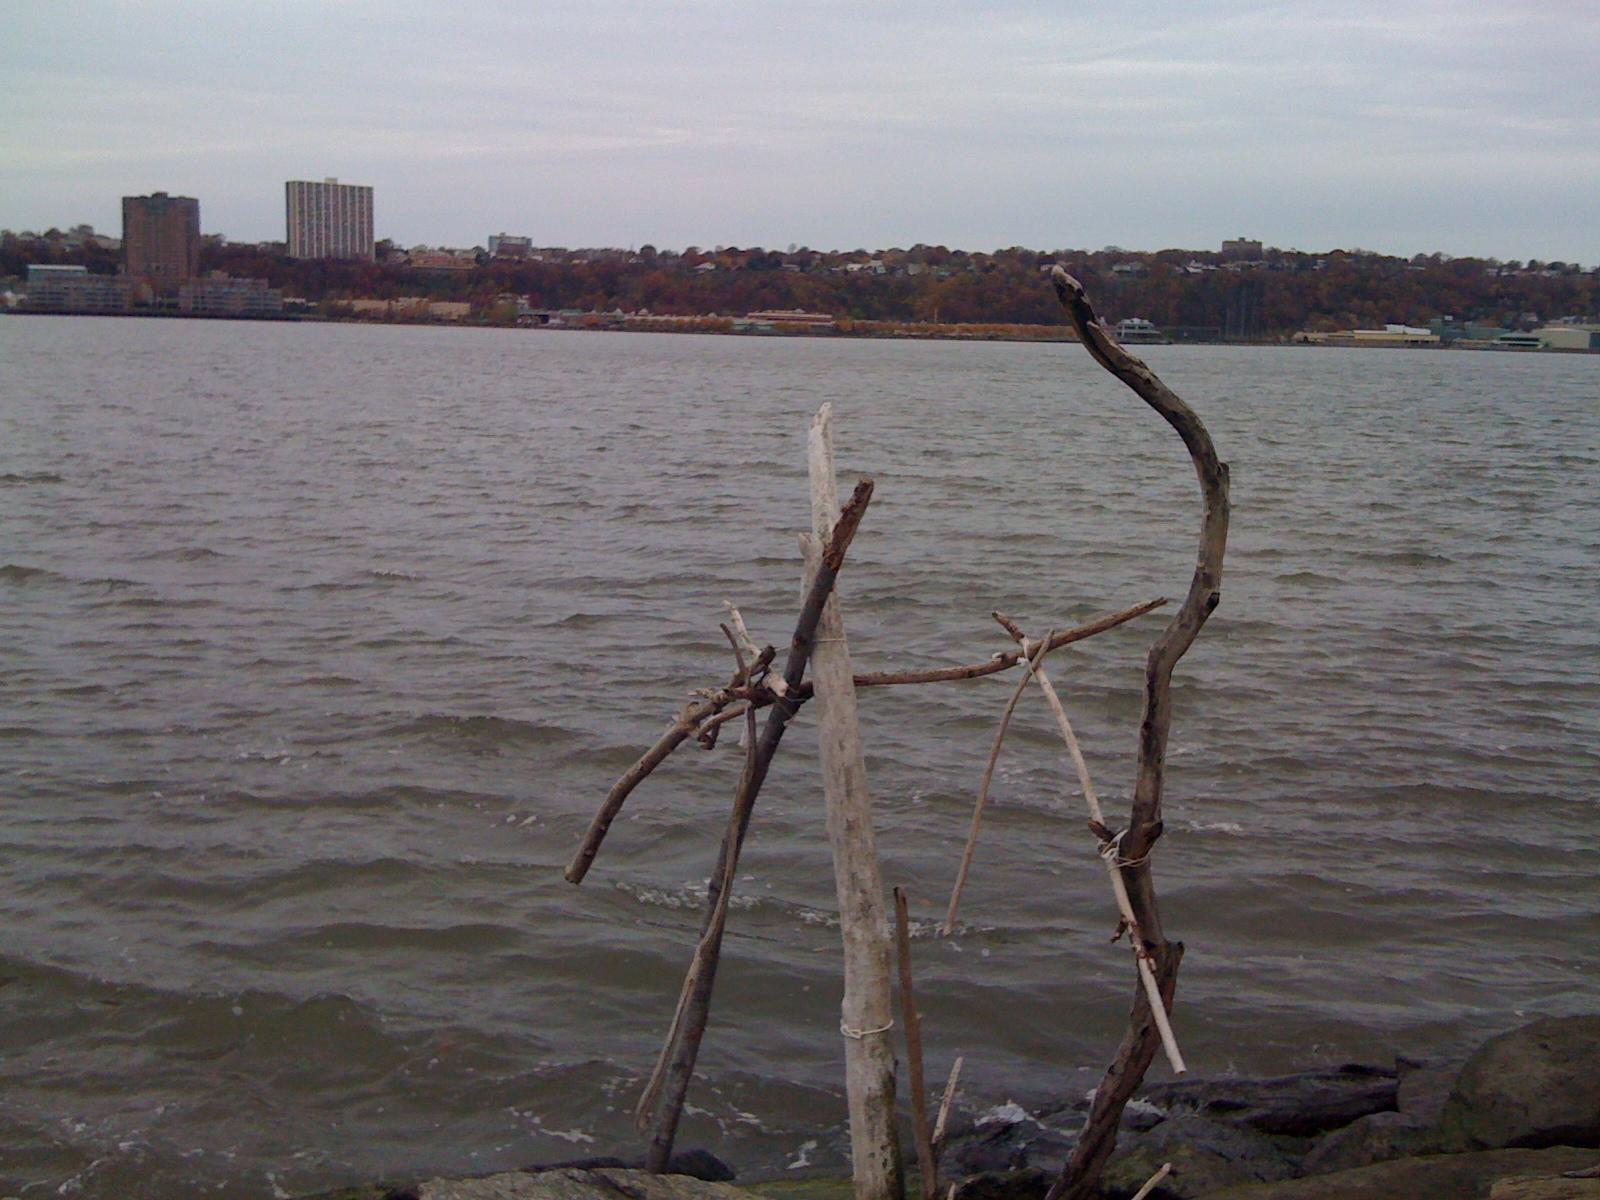 DriftwoodSculpture